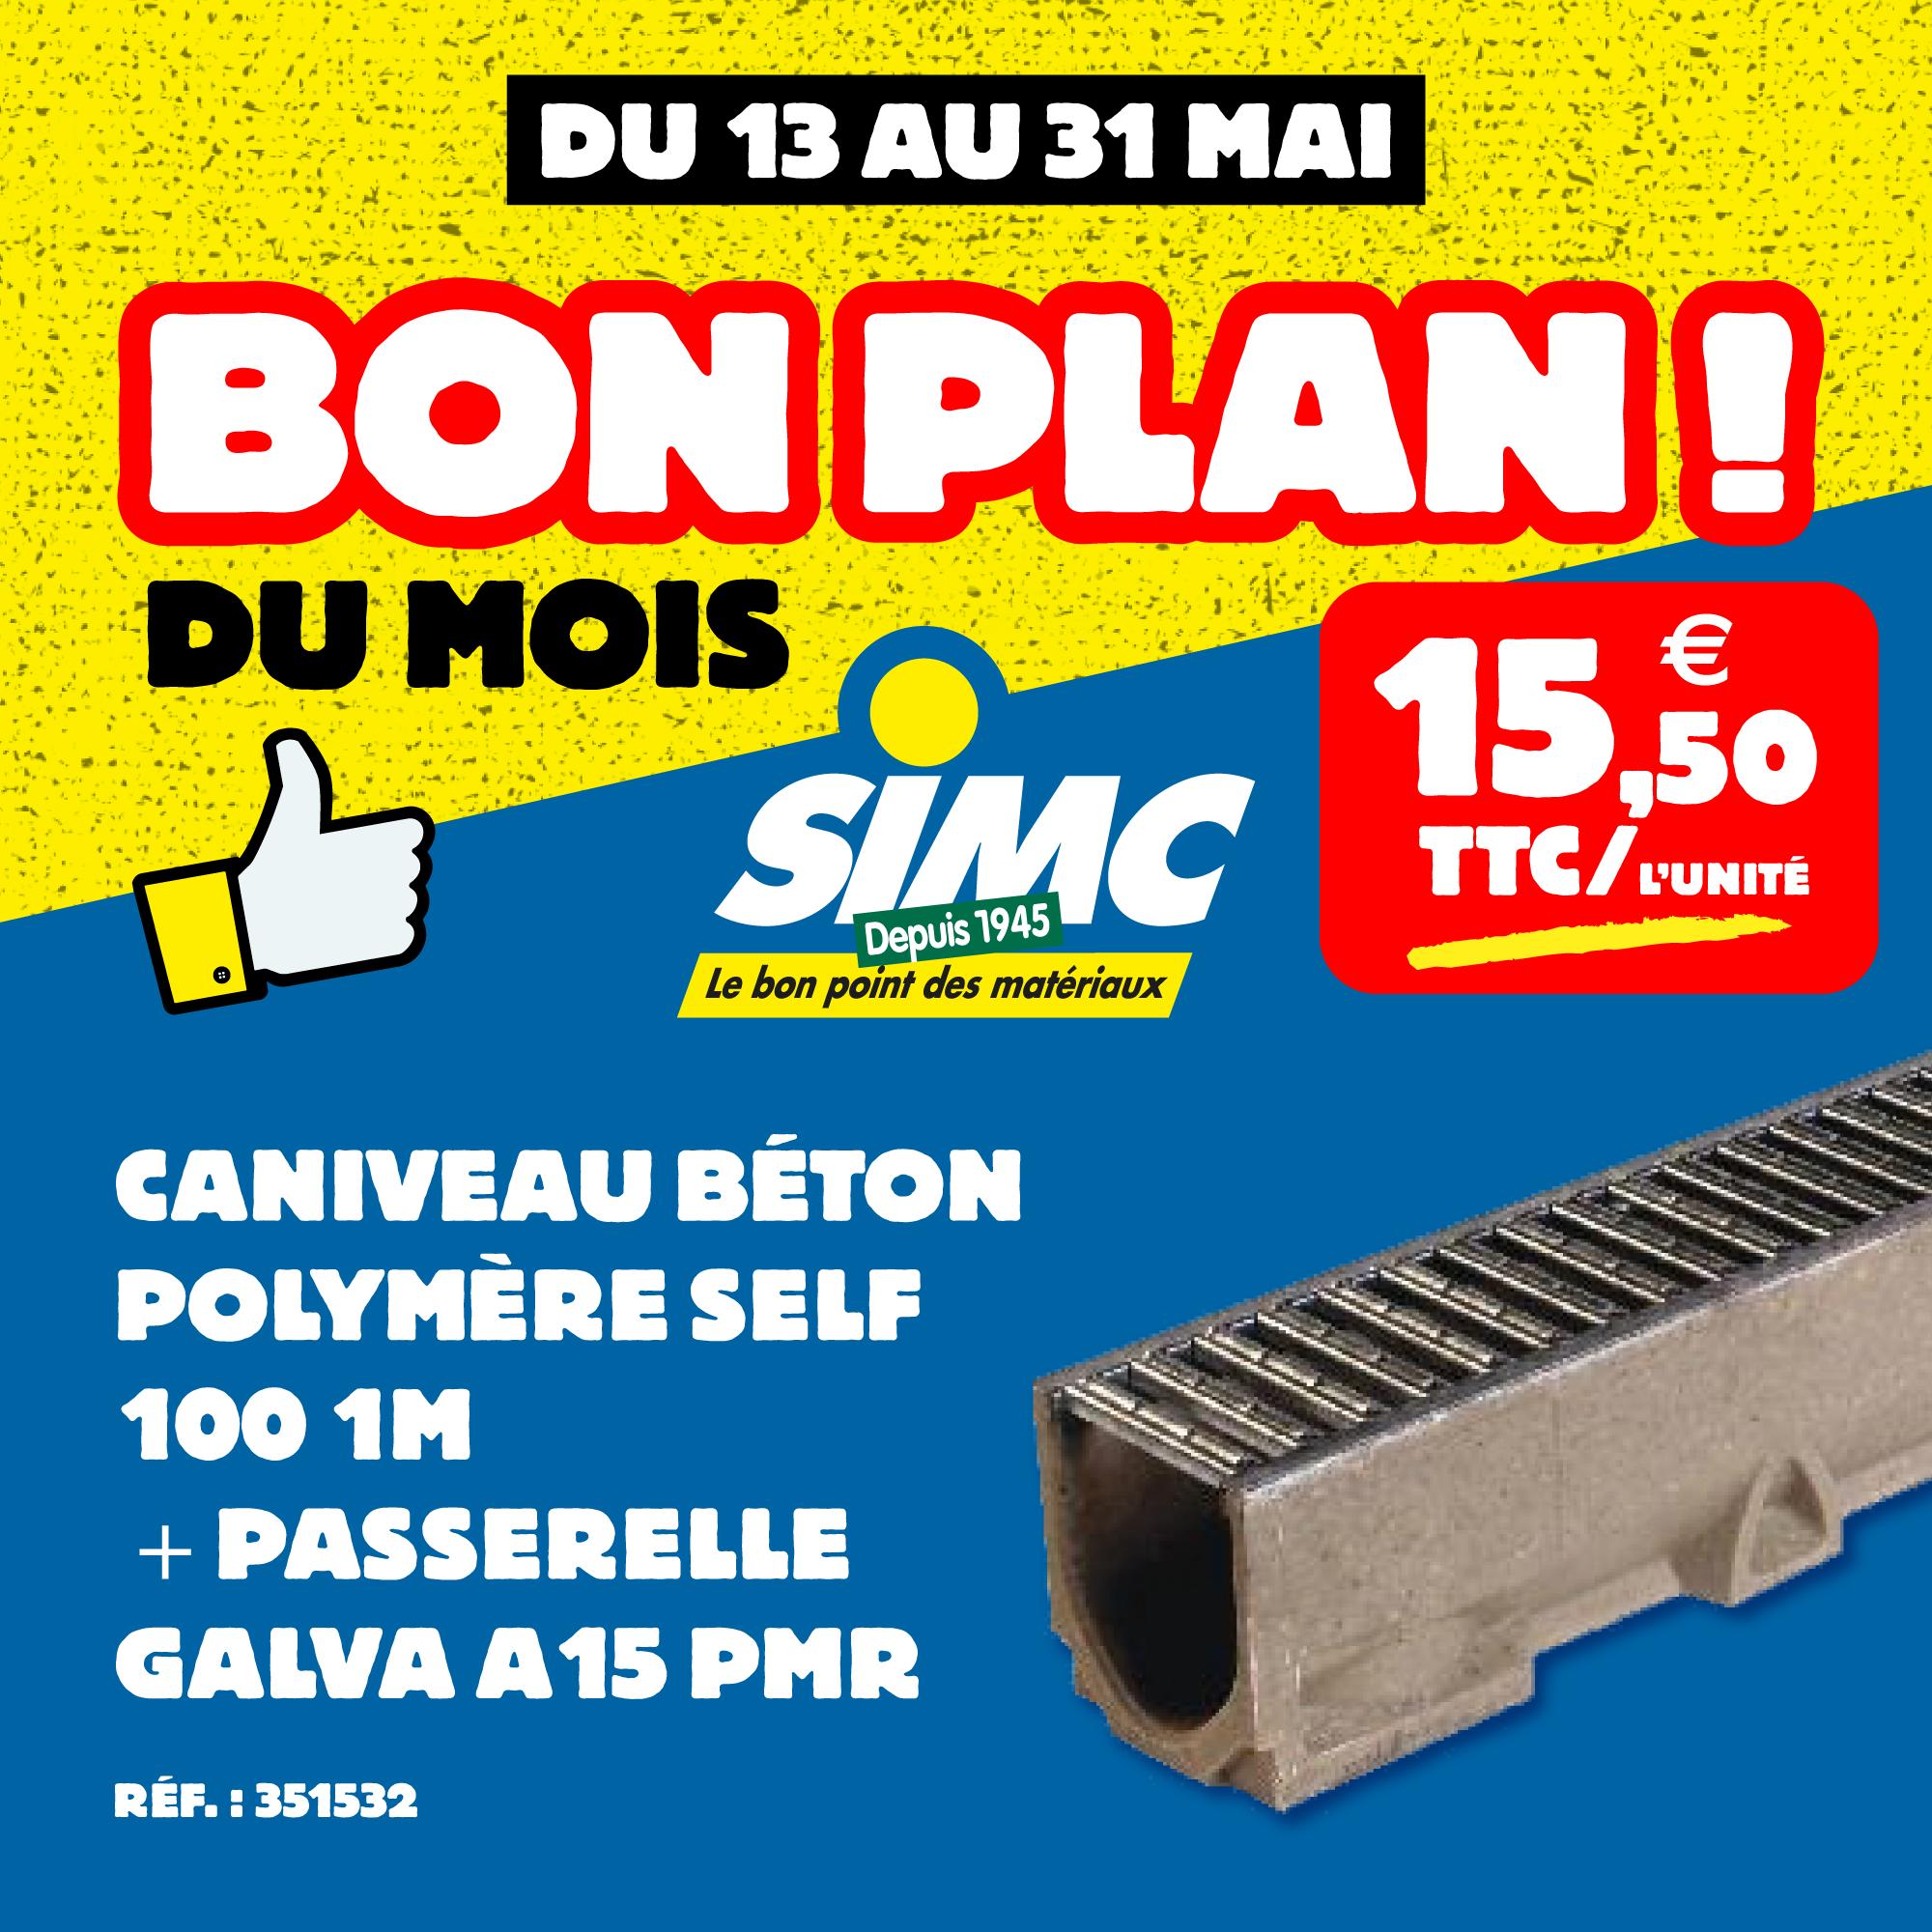 Bon Plan Caniveau